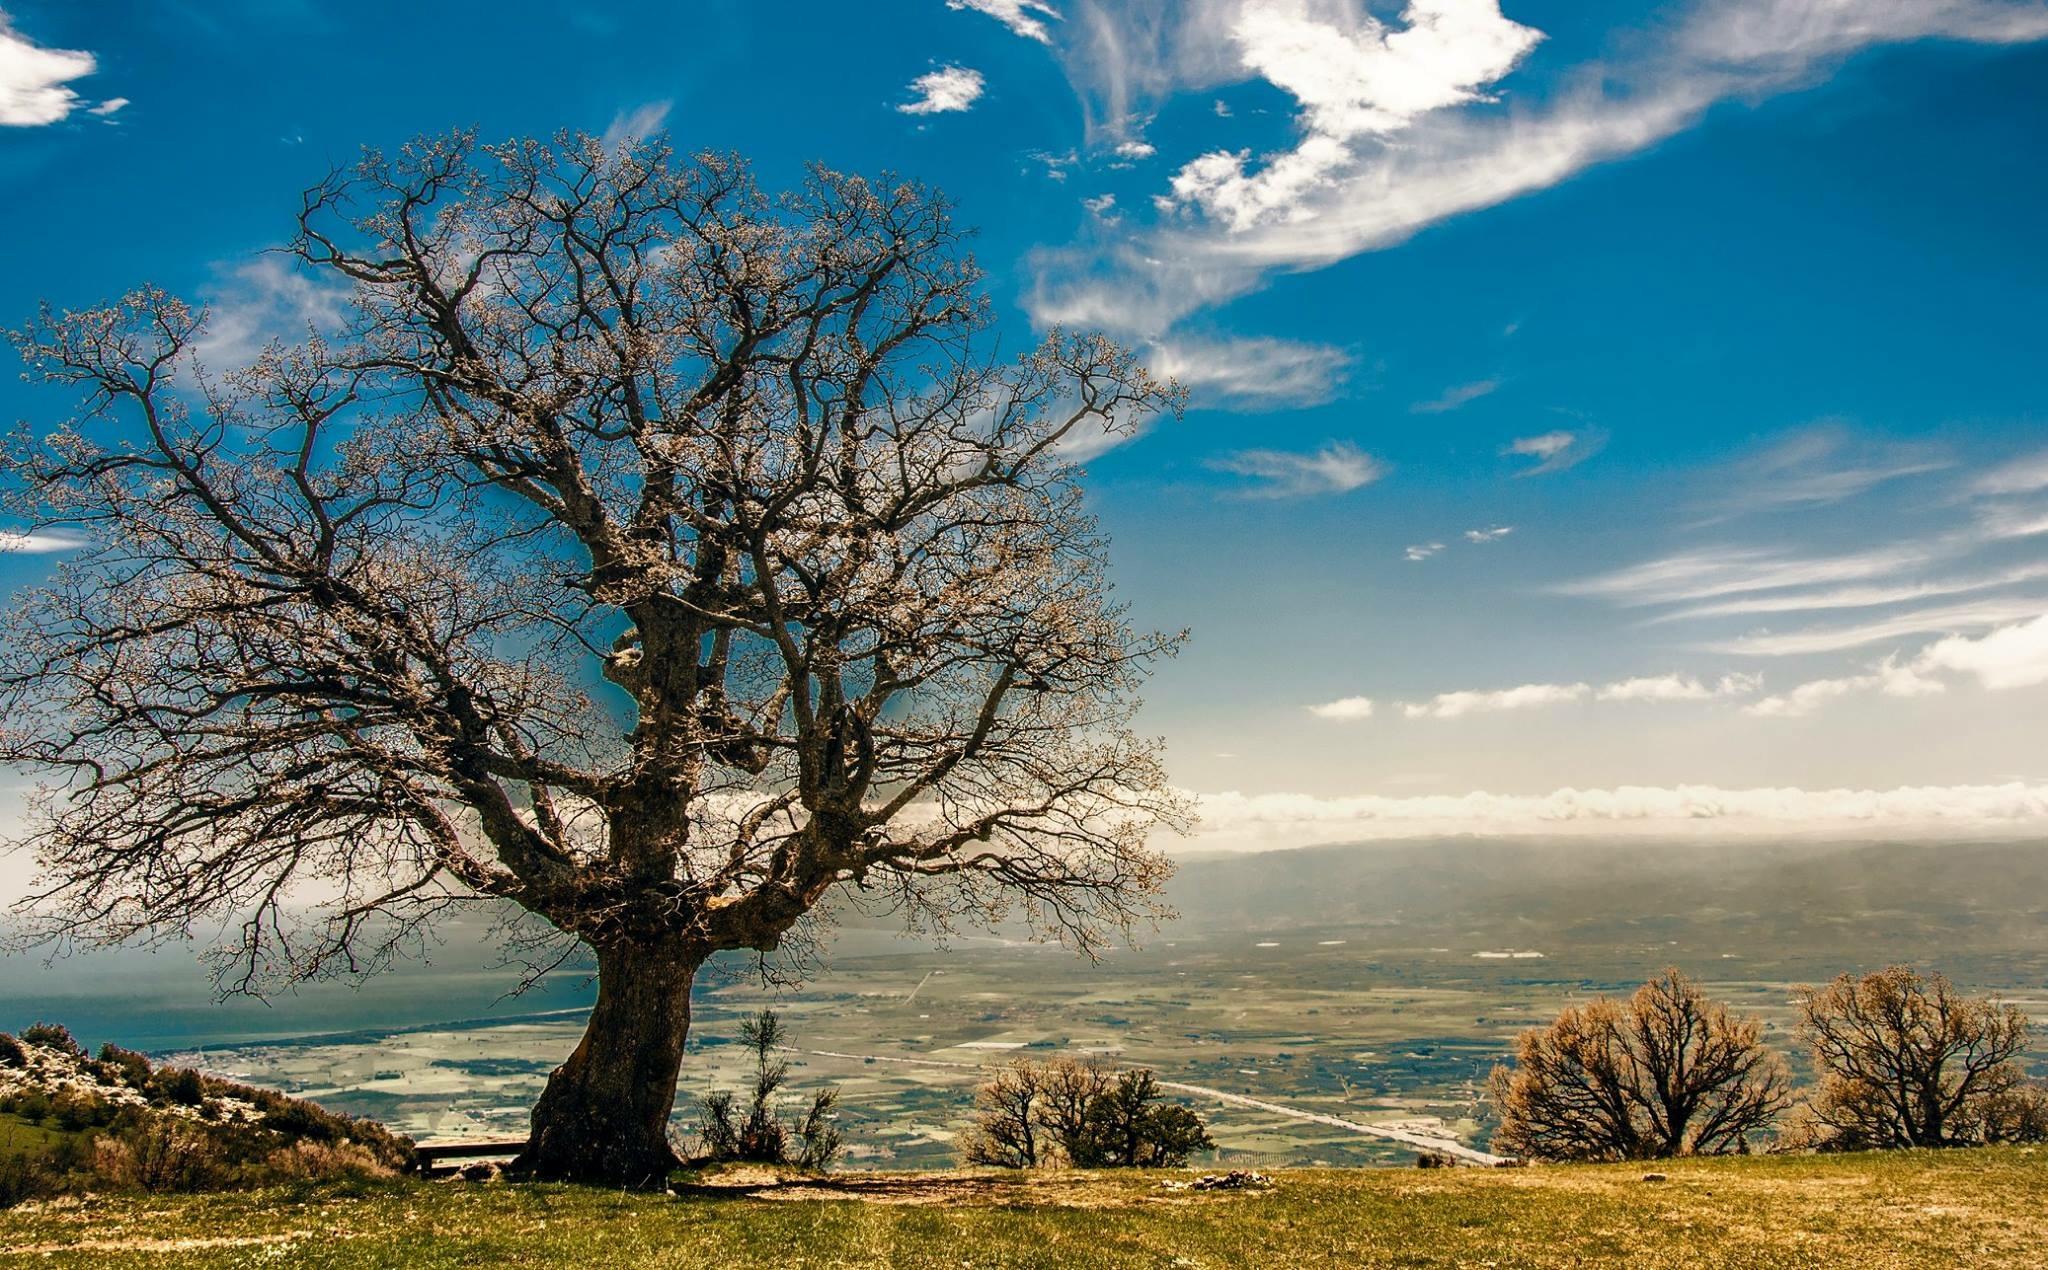 Meteo di martedì e mercoledì: anticiclone alla conquista della Calabria, ma ancora possibili deboli fenomeni instabili...